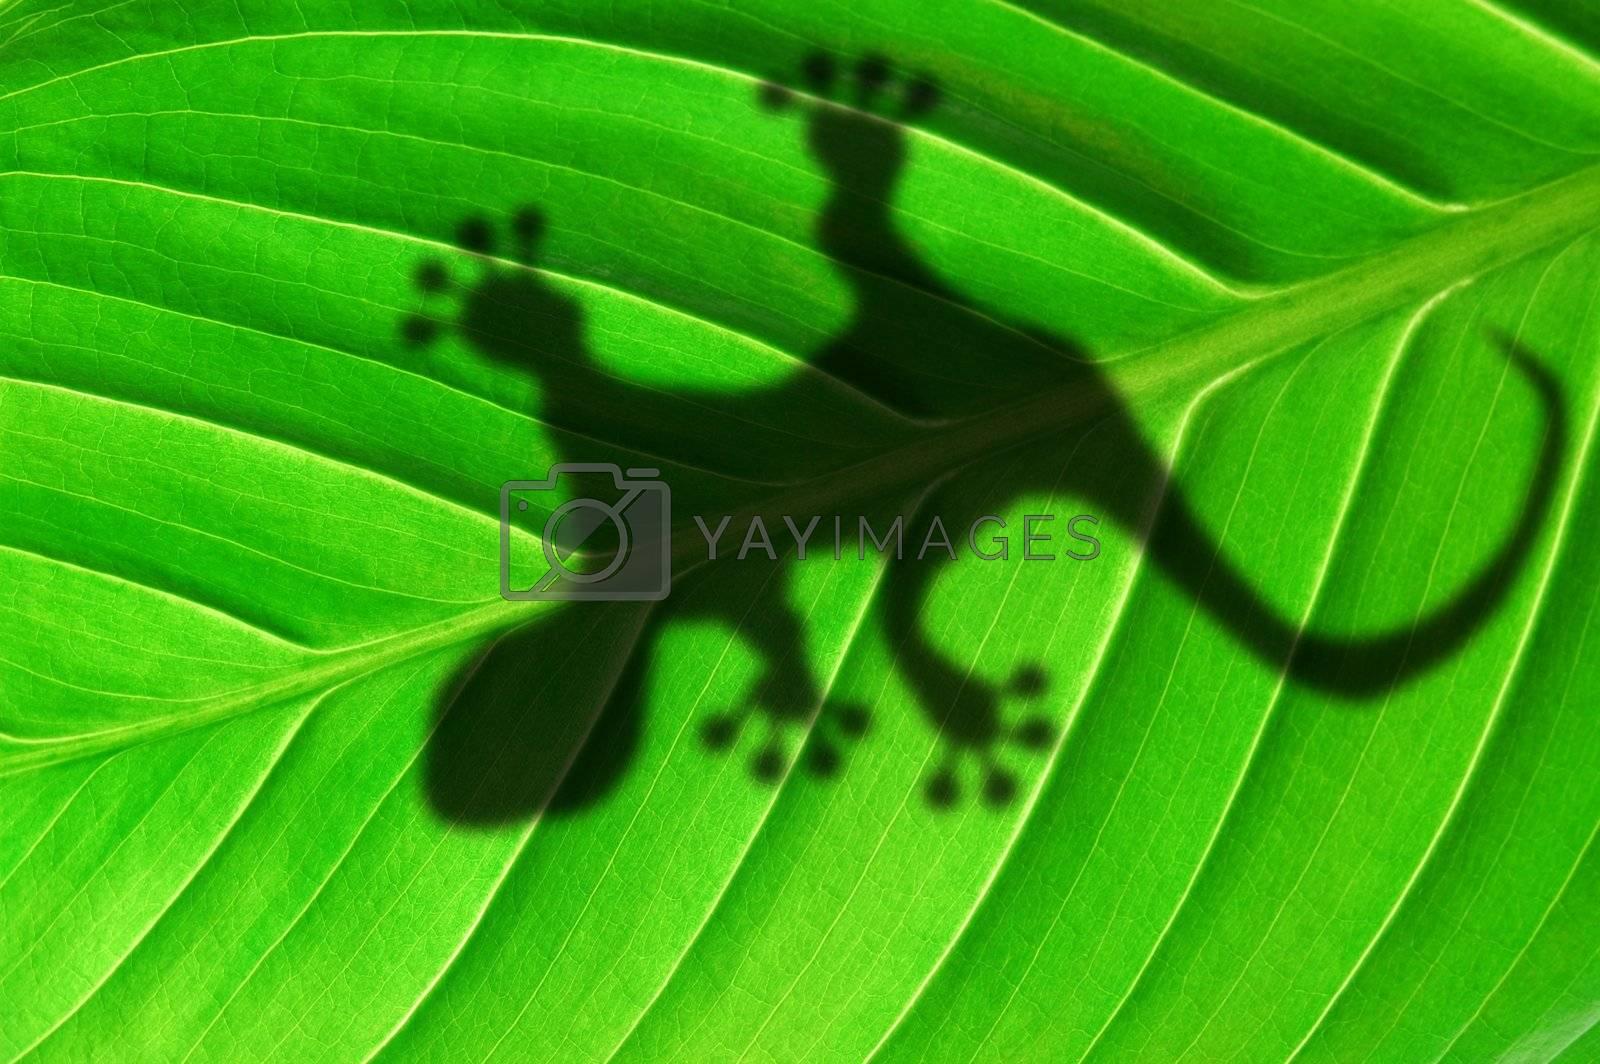 Royalty free image of gecko shadow on leaf by gunnar3000